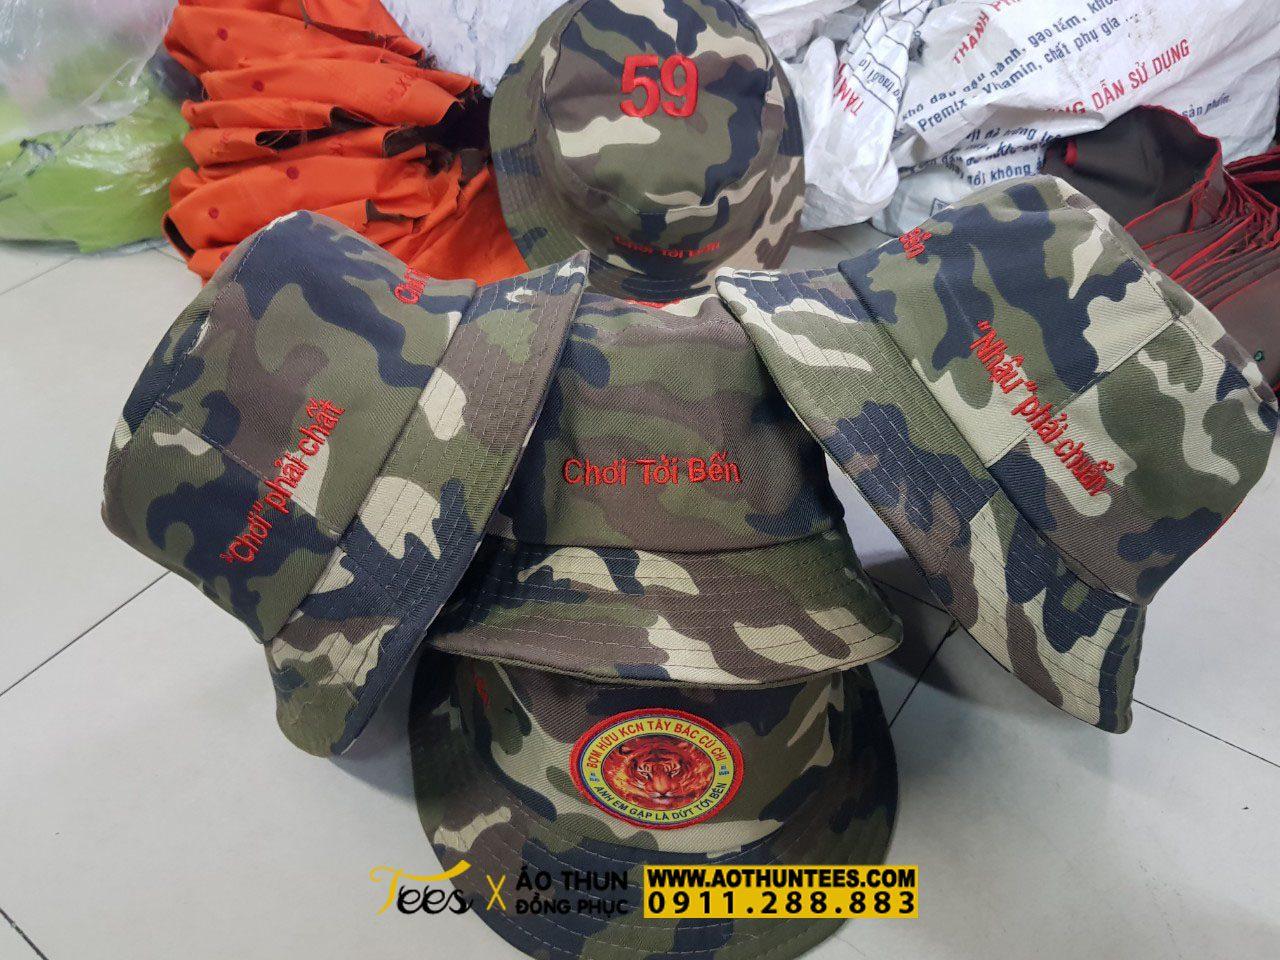 b1b0dac5a713404d1902 - Giới thiệu về đồng phục nón